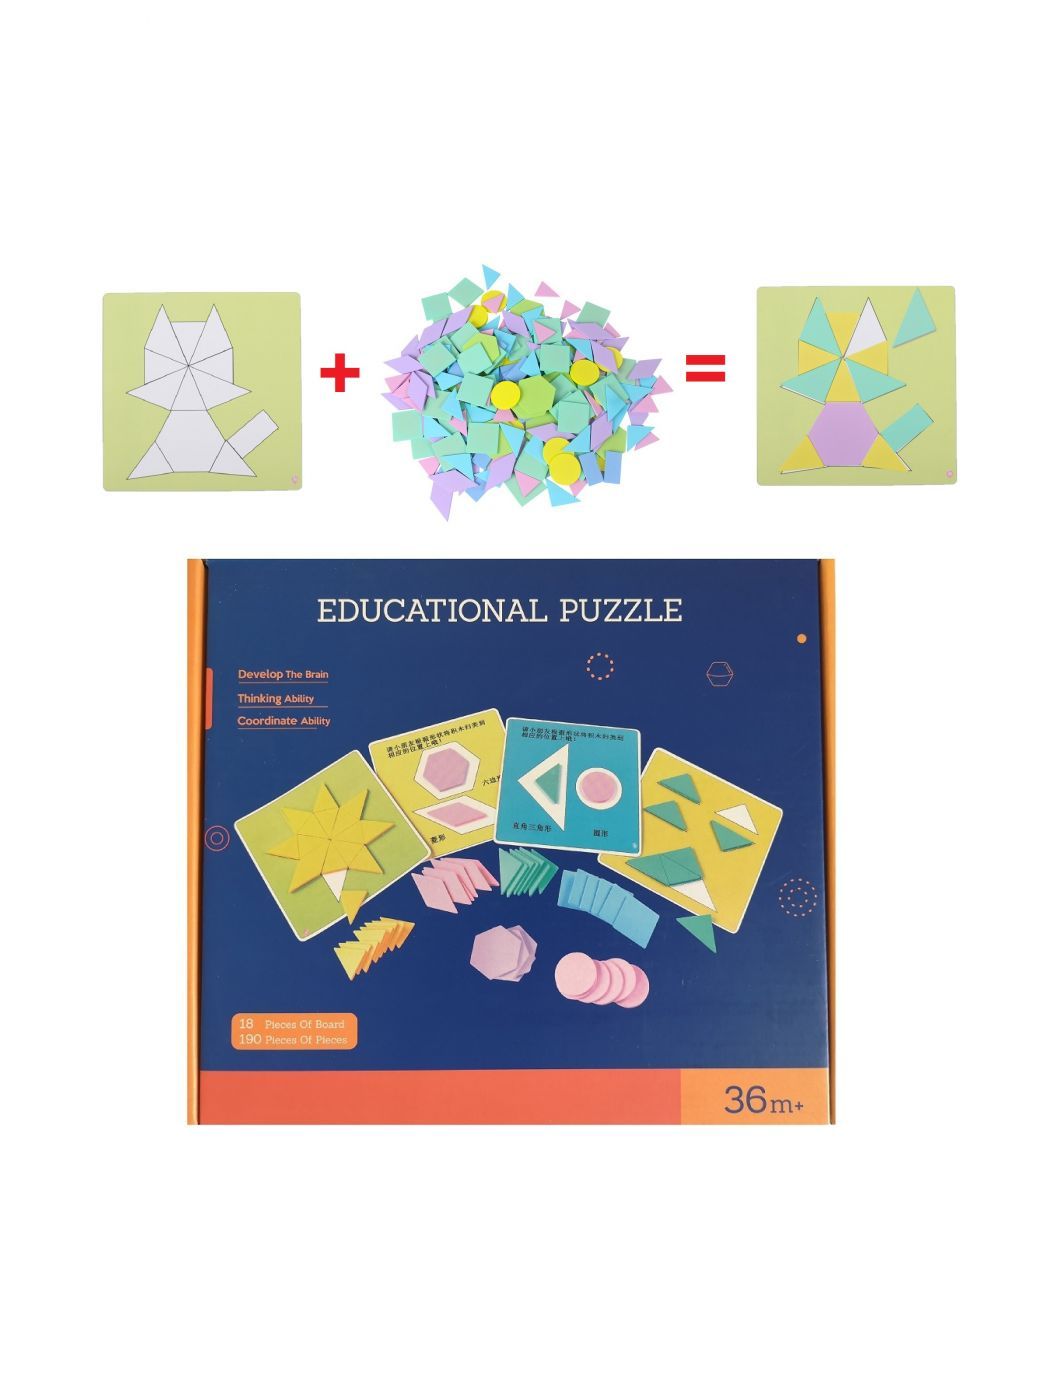 Развивающие пазлы Монтессори QZM TOY 190 геометрических фигур, 36 заданий, 18 карточек для детей от 3-х лет